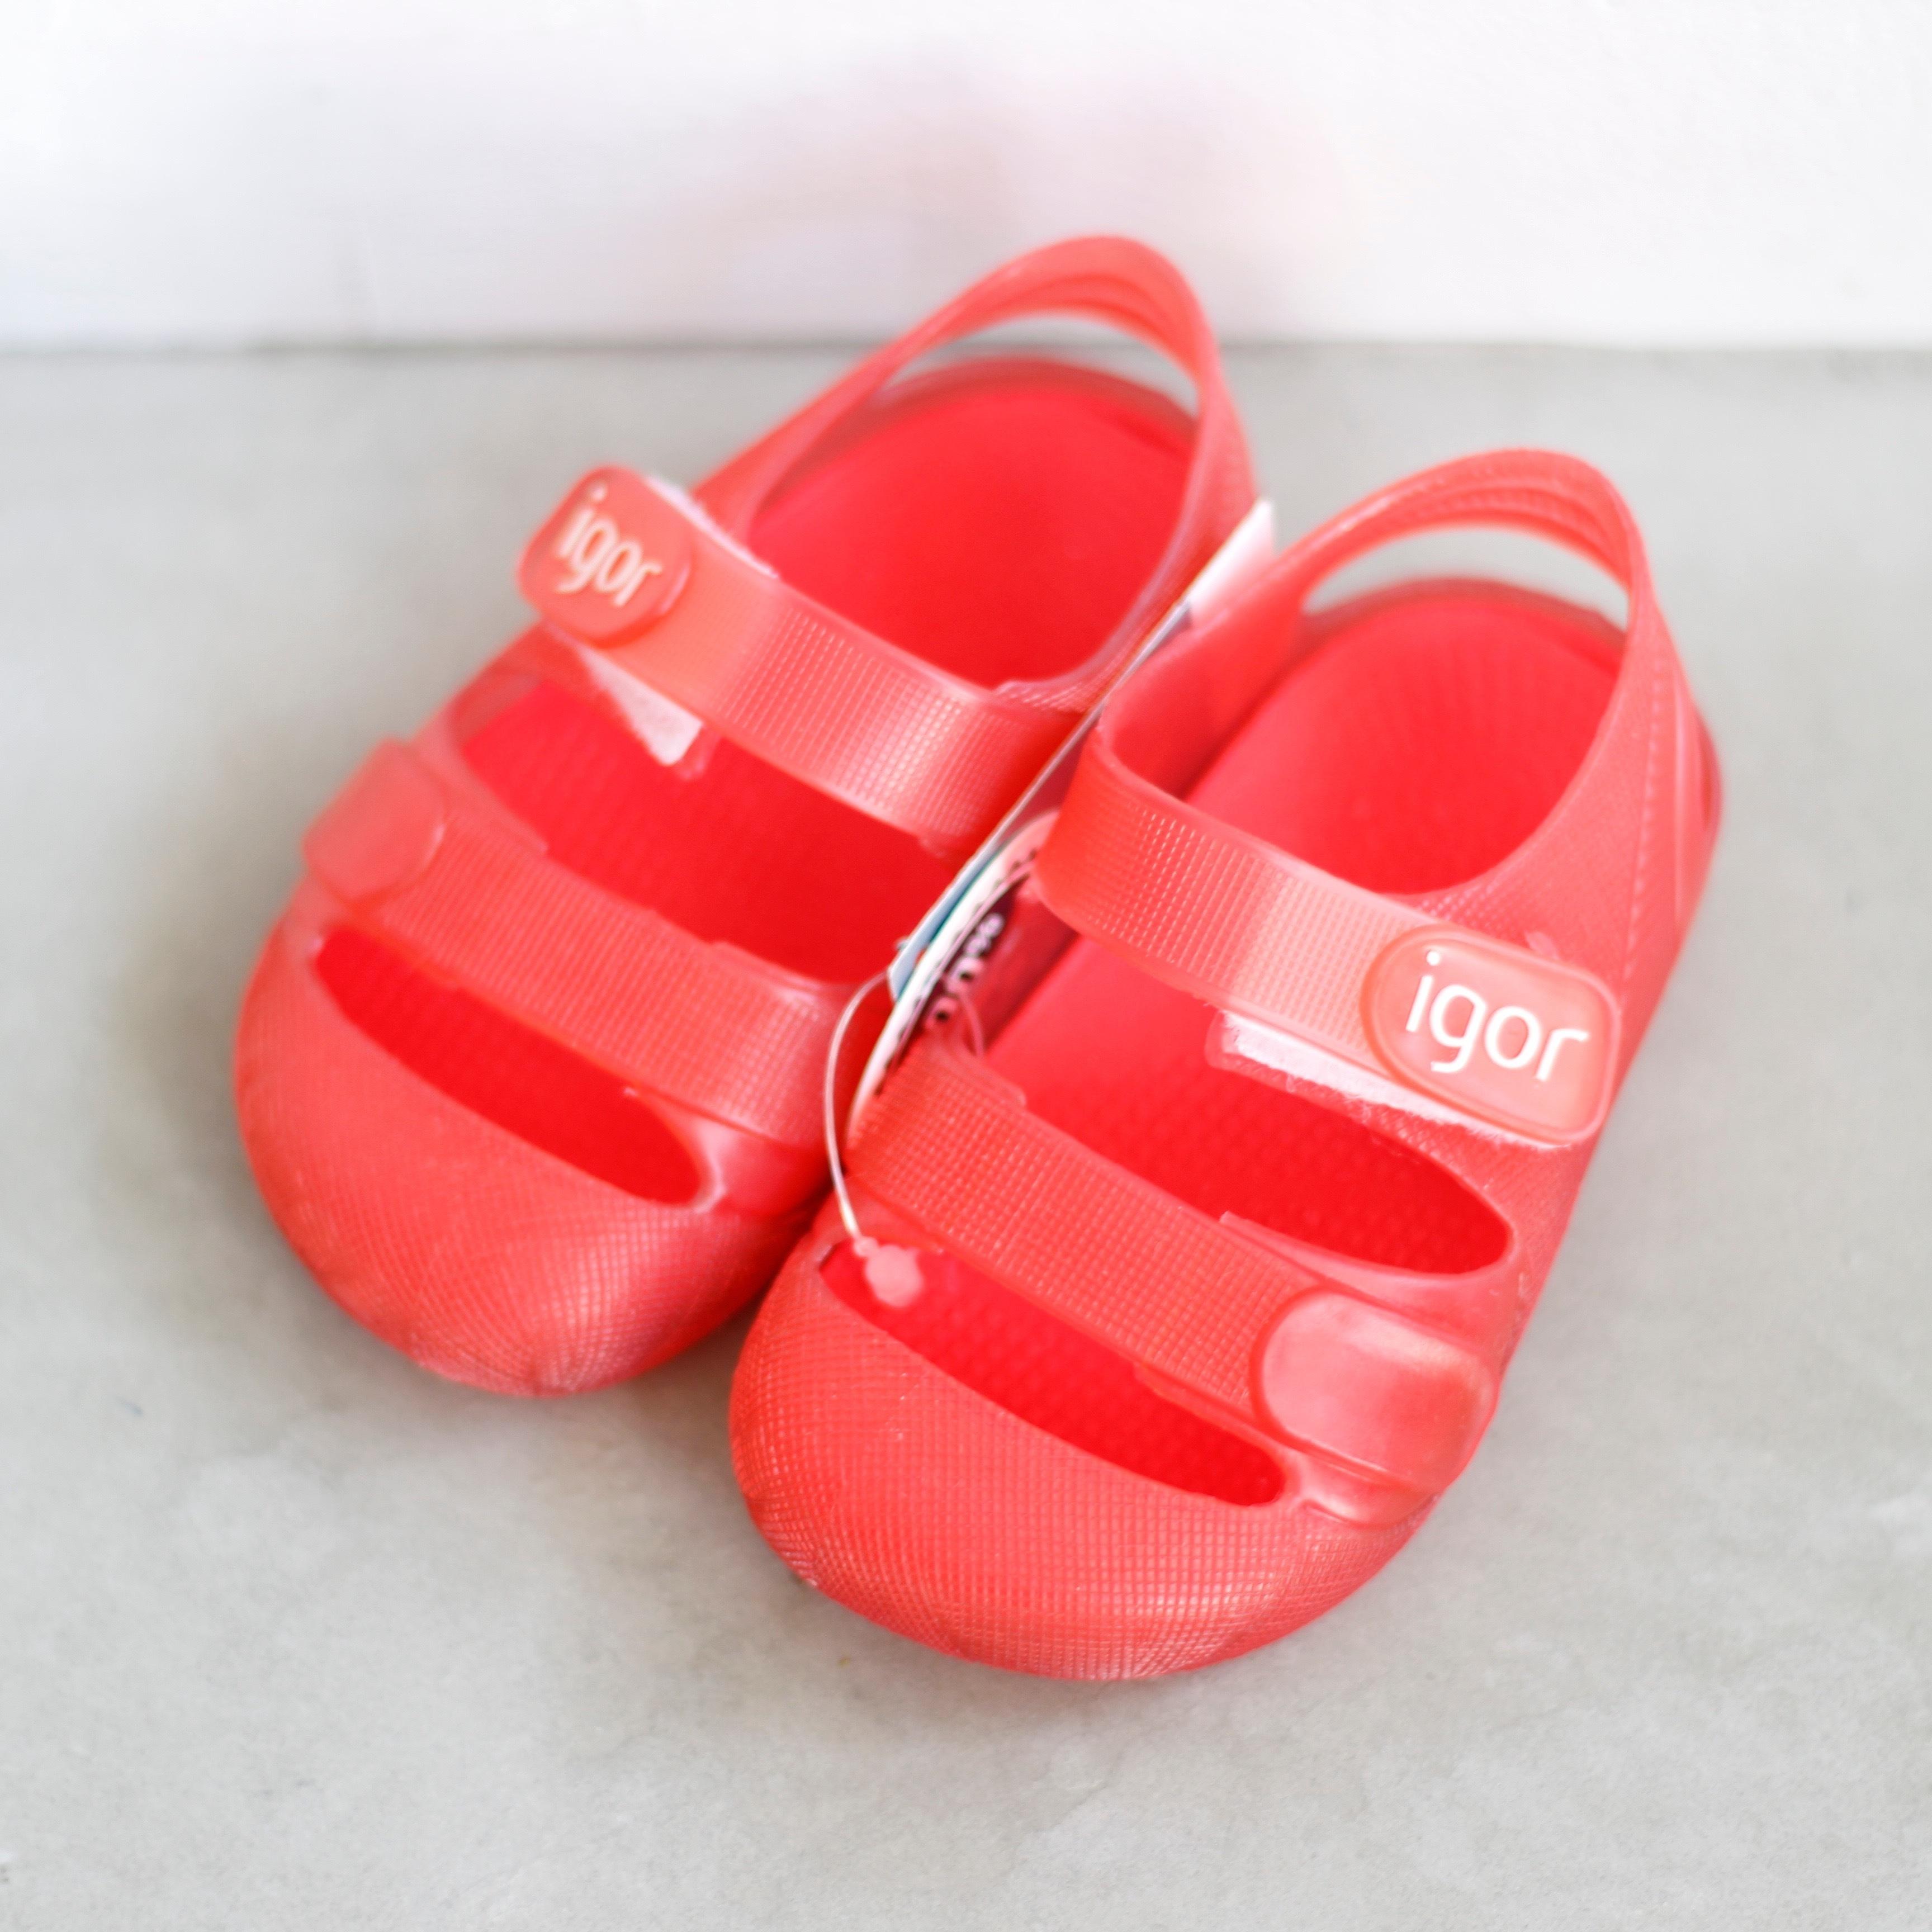 《igor》BONDI / Rojo(red)/ 13cm